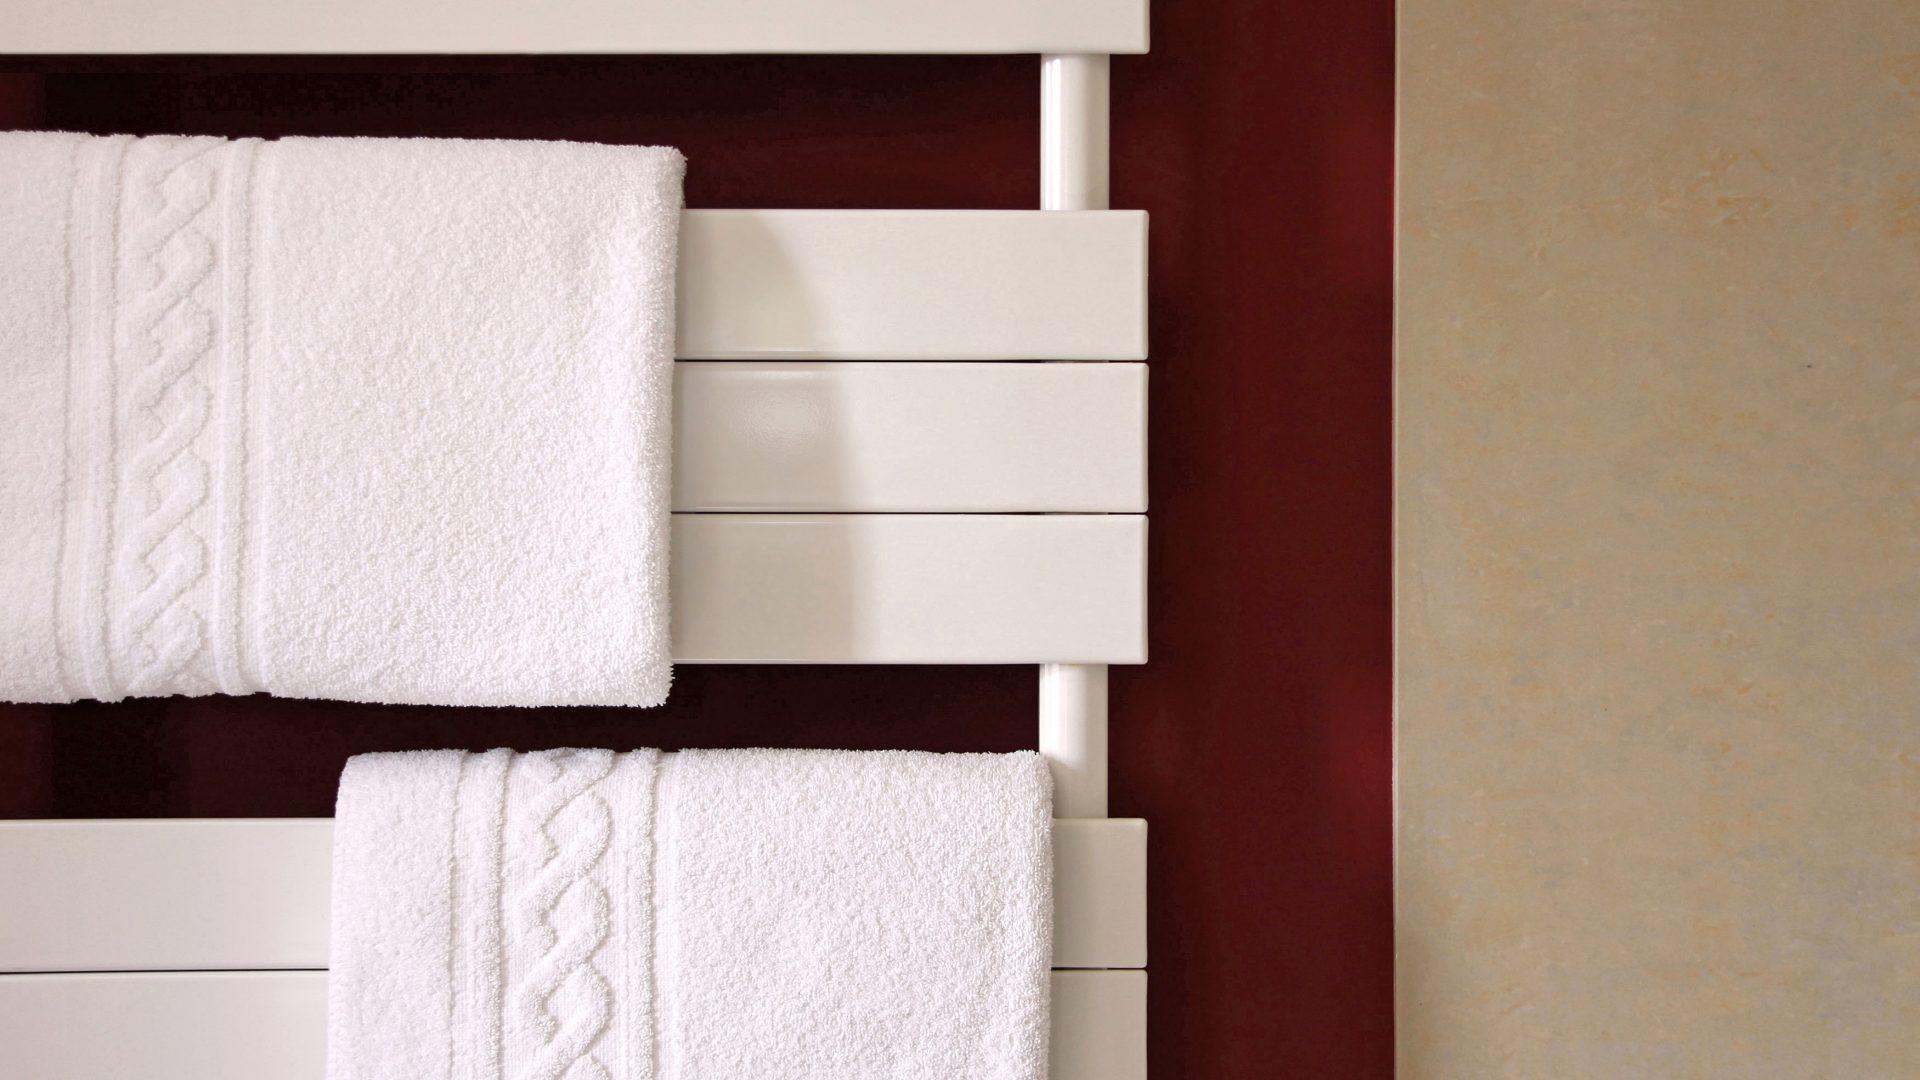 badezimmer heizung. Black Bedroom Furniture Sets. Home Design Ideas